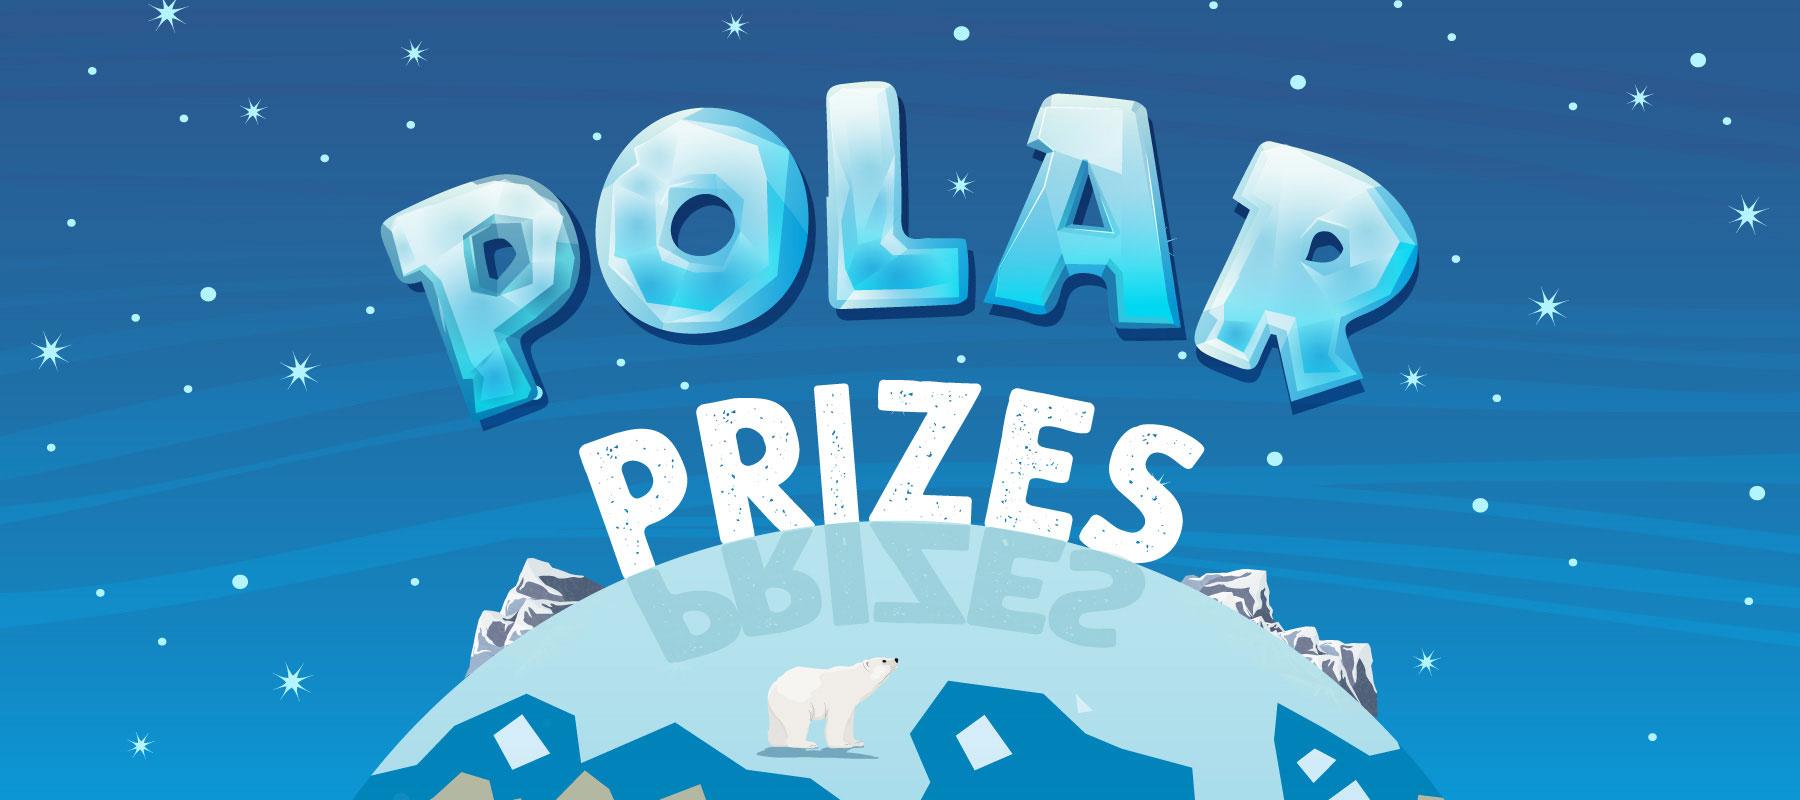 Polar Prizes